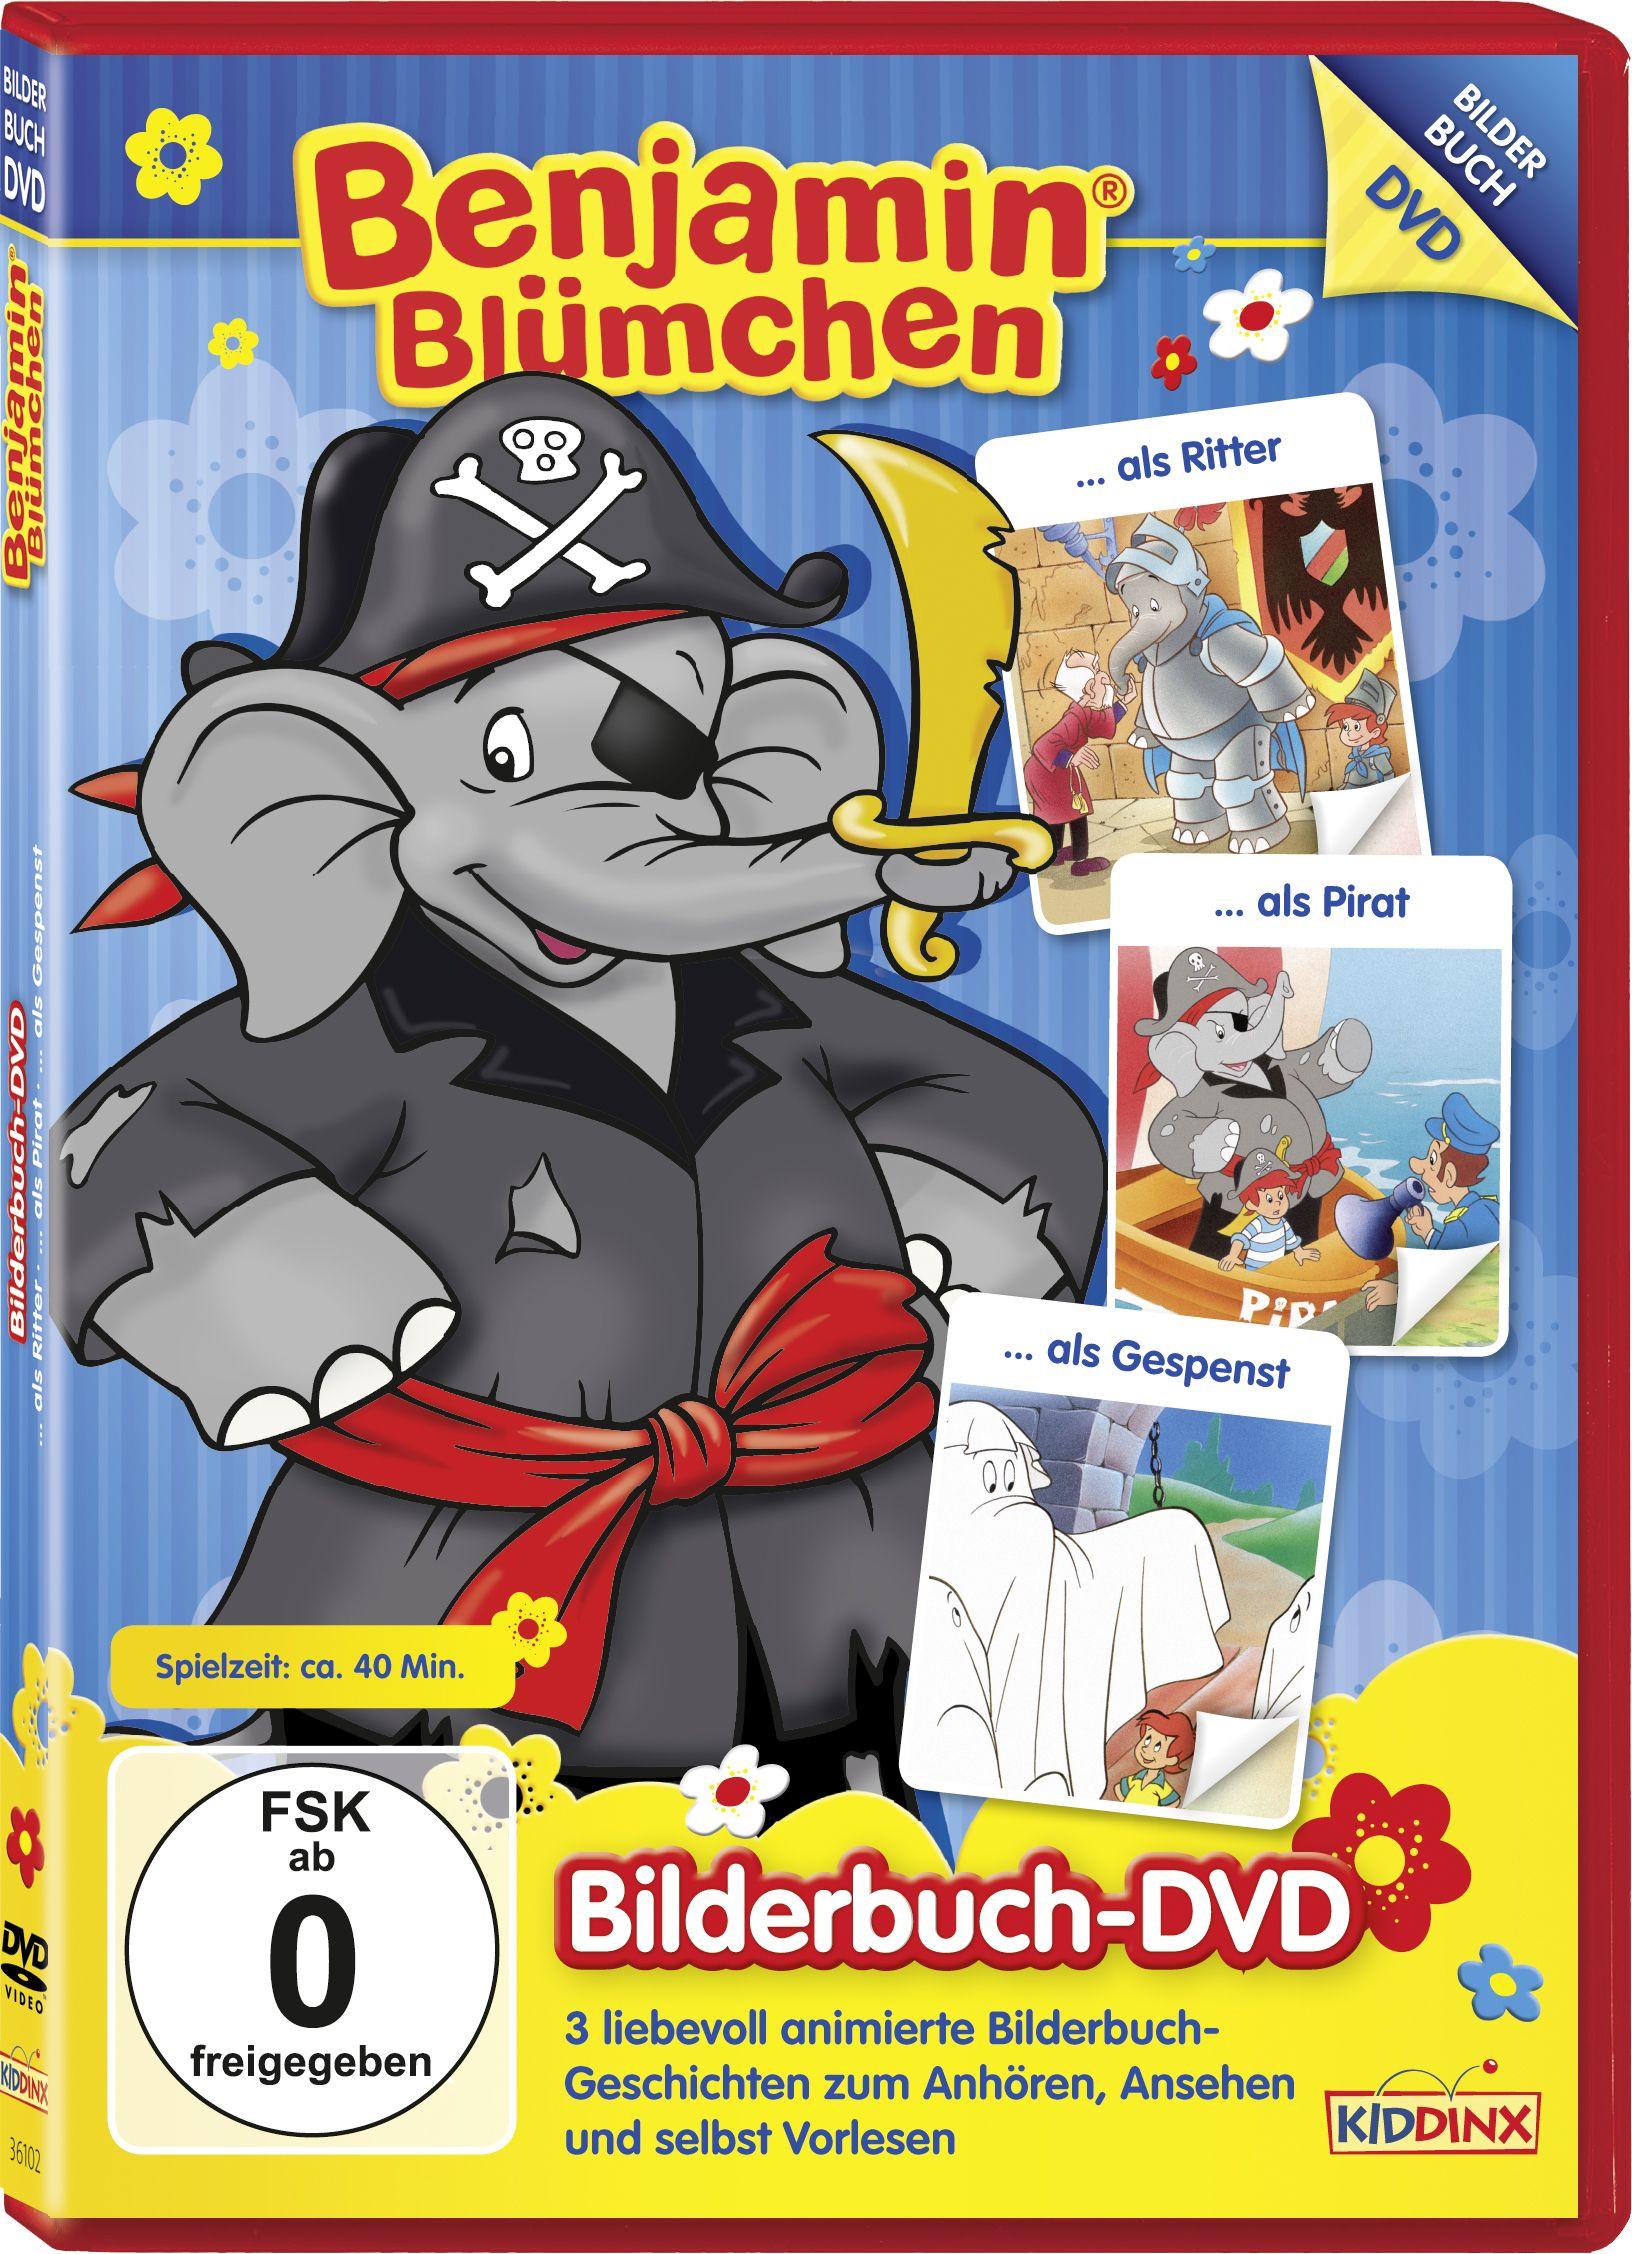 Benjamin Blümchen - Bilderbuch DVD 2